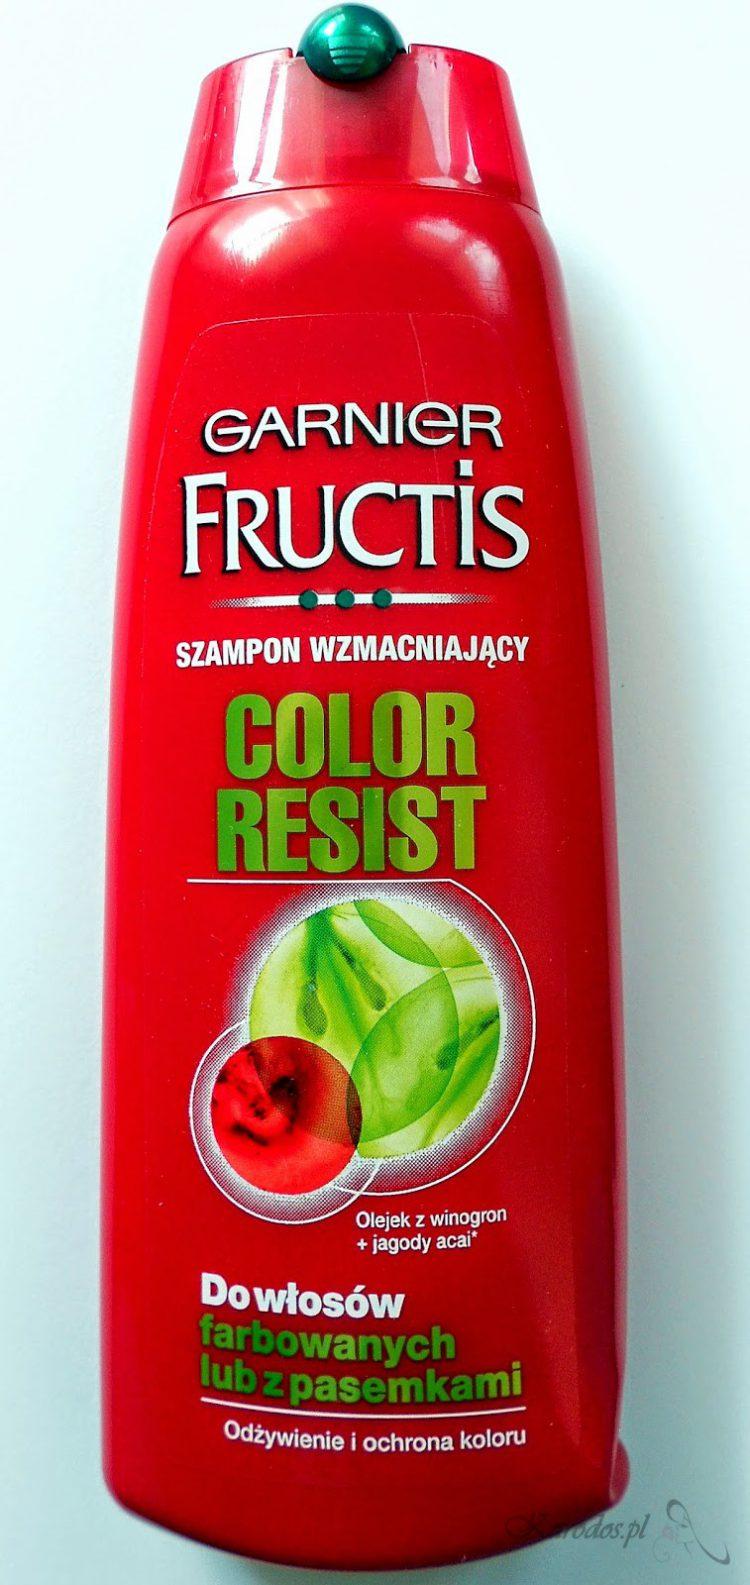 Garnier, Fructis Color Resist – Szampon wzmacniający do włosów farbowanych